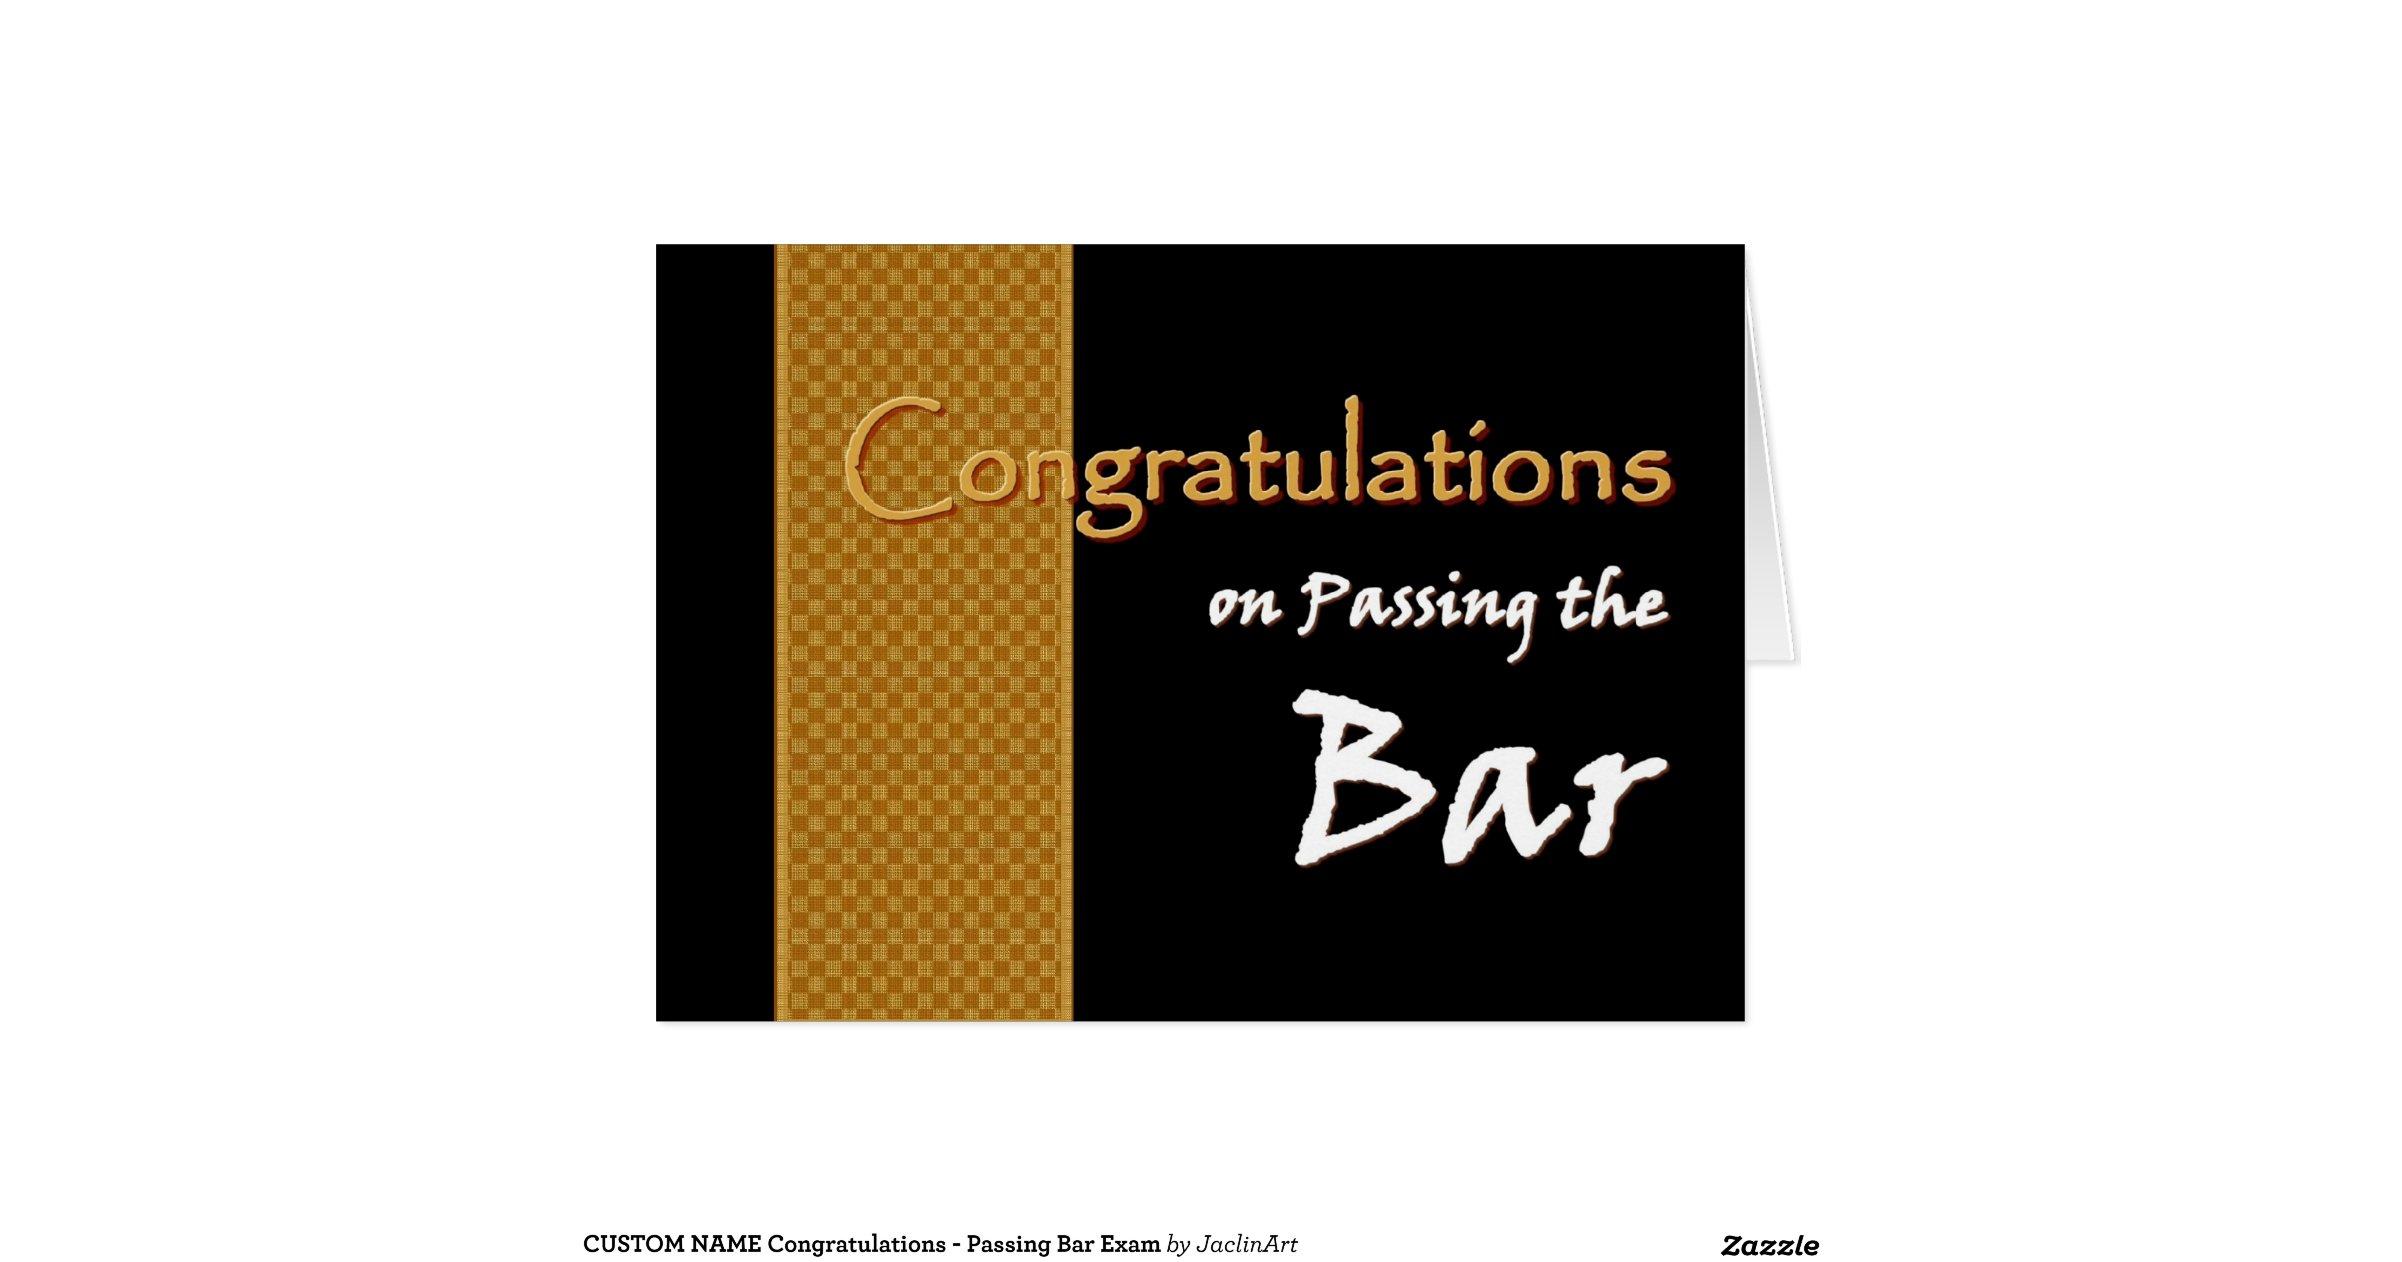 Custom Name Congratulations Passing Bar Exam Card Rd B A F B B Fc A Xvuak Byvr Jpg View Padding B C C on Horizontal Progress Bar